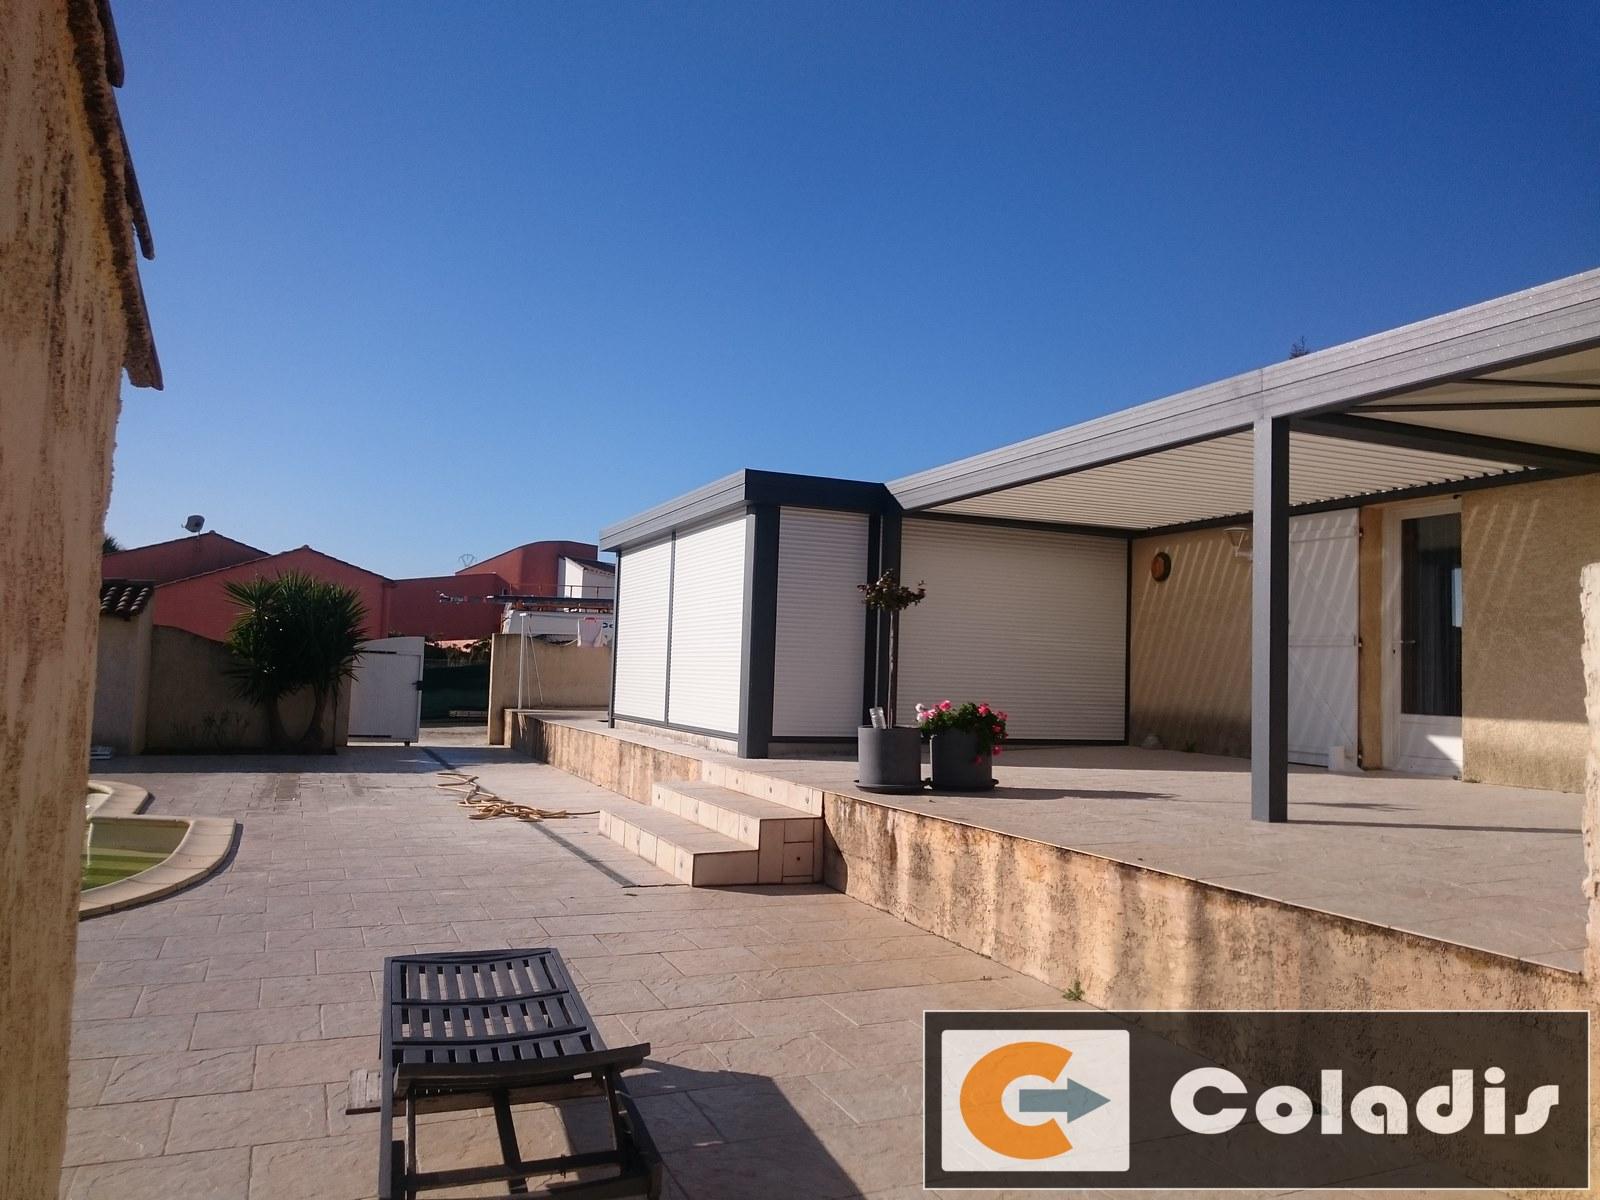 couverture de terrasse avec v randa et pergola bioclimatique poussan h rault 34 coladis. Black Bedroom Furniture Sets. Home Design Ideas